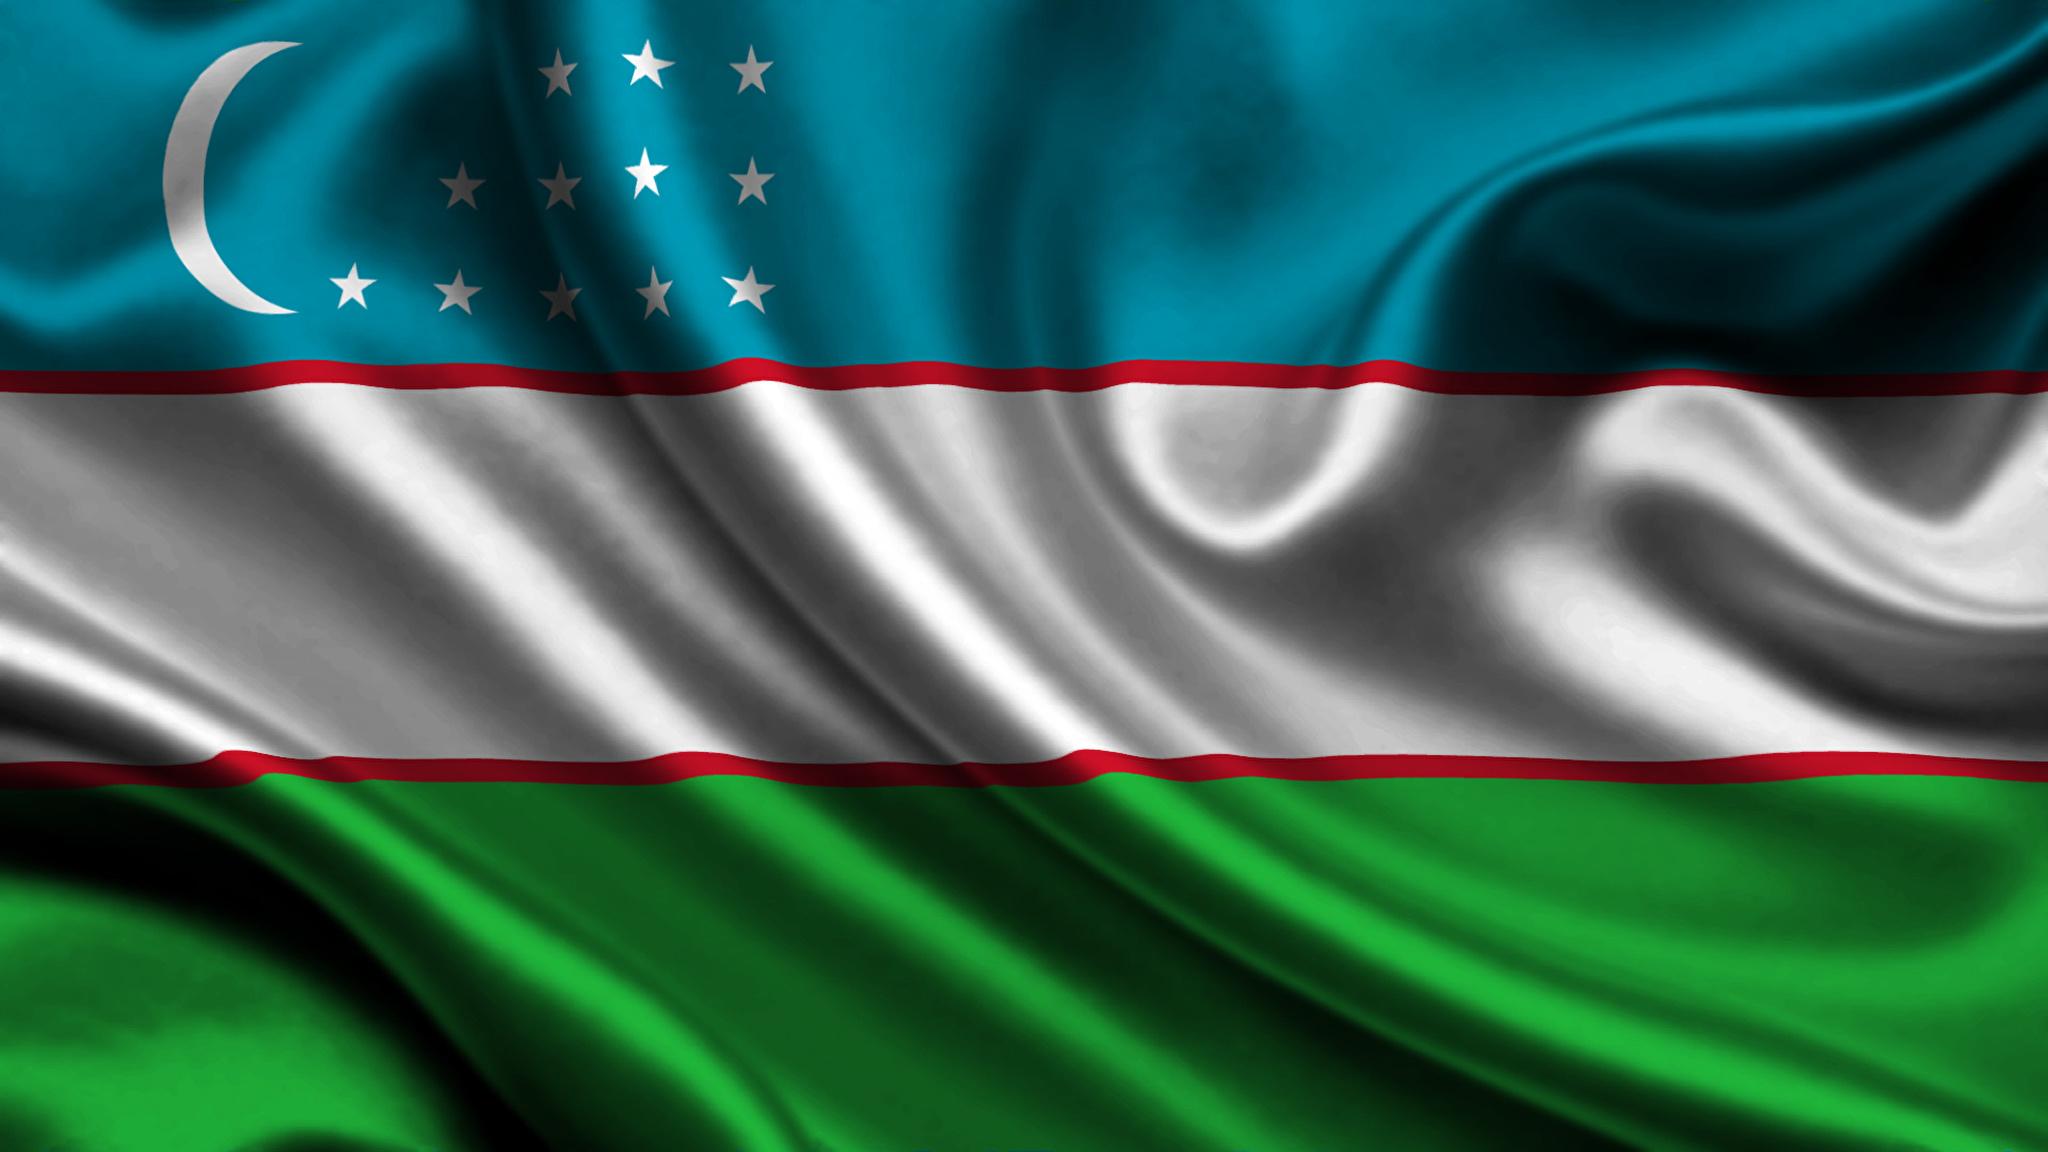 Wallpaper Uzbekistan Flag Stripes 2048x1152 2048x1152